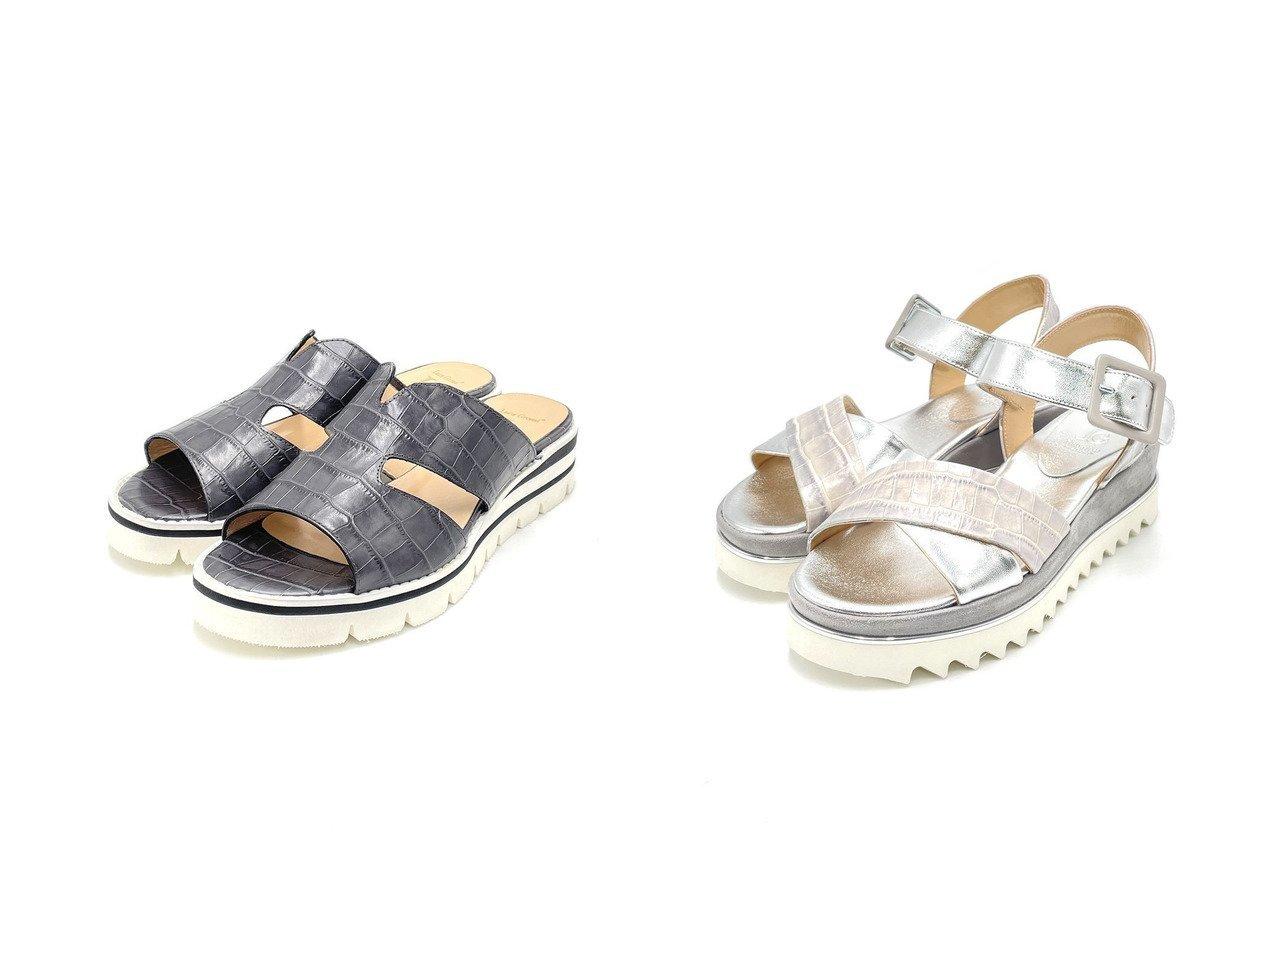 【LucaGrossi/ルカグロッシ】のモチーフ厚底サンダル&厚シャーククロスサンダル 【シューズ・靴】おすすめ!人気、トレンド・レディースファッションの通販 おすすめで人気の流行・トレンド、ファッションの通販商品 インテリア・家具・メンズファッション・キッズファッション・レディースファッション・服の通販 founy(ファニー) https://founy.com/ ファッション Fashion レディースファッション WOMEN イタリア サンダル シューズ モチーフ 厚底 軽量  ID:crp329100000043154